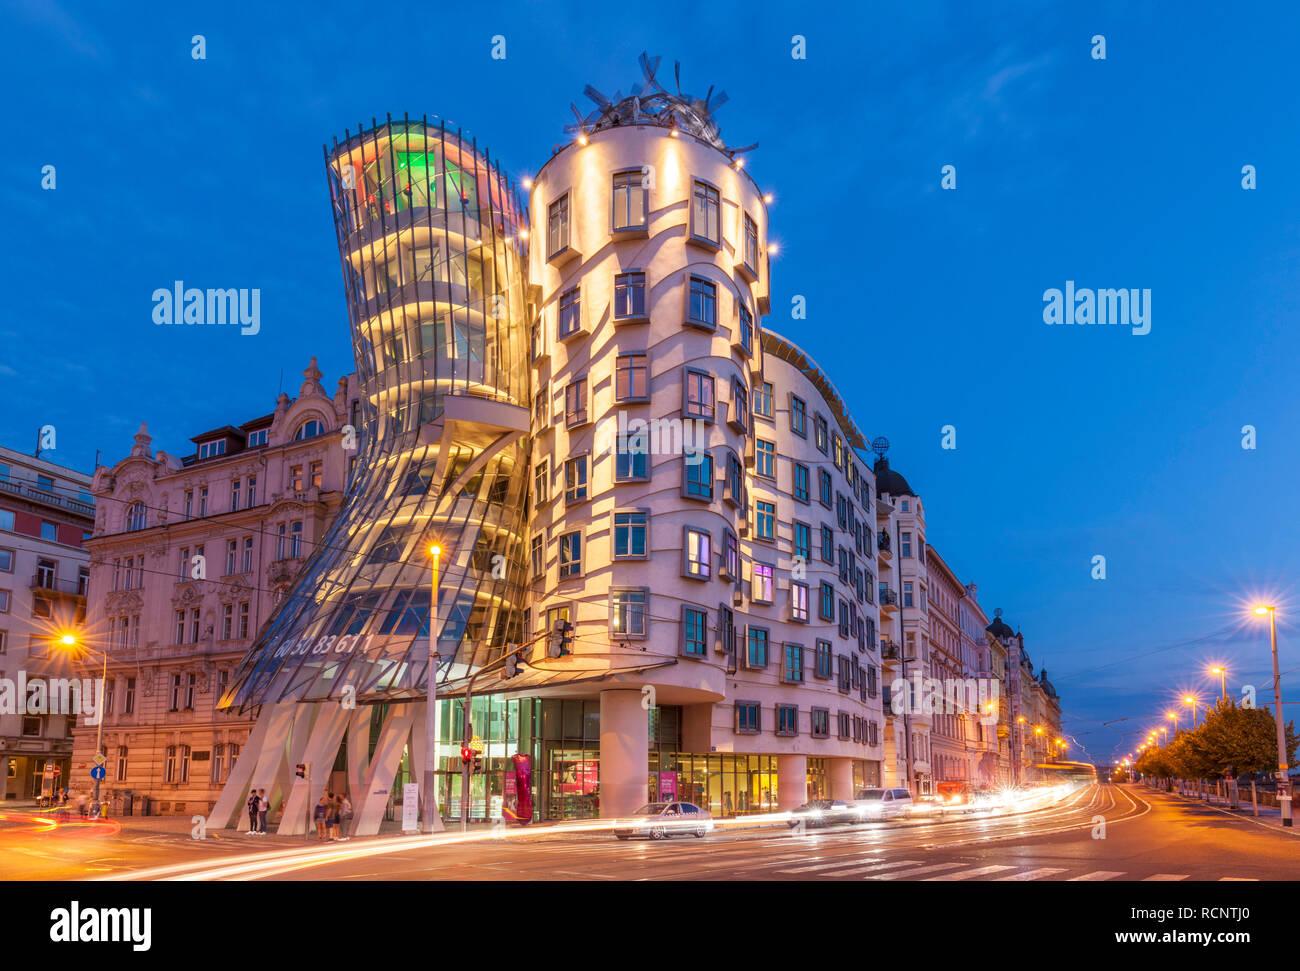 Dancing house Prague by architect Frank Gehry Tančící dům Prague Czech Republic EU Europe - Stock Image